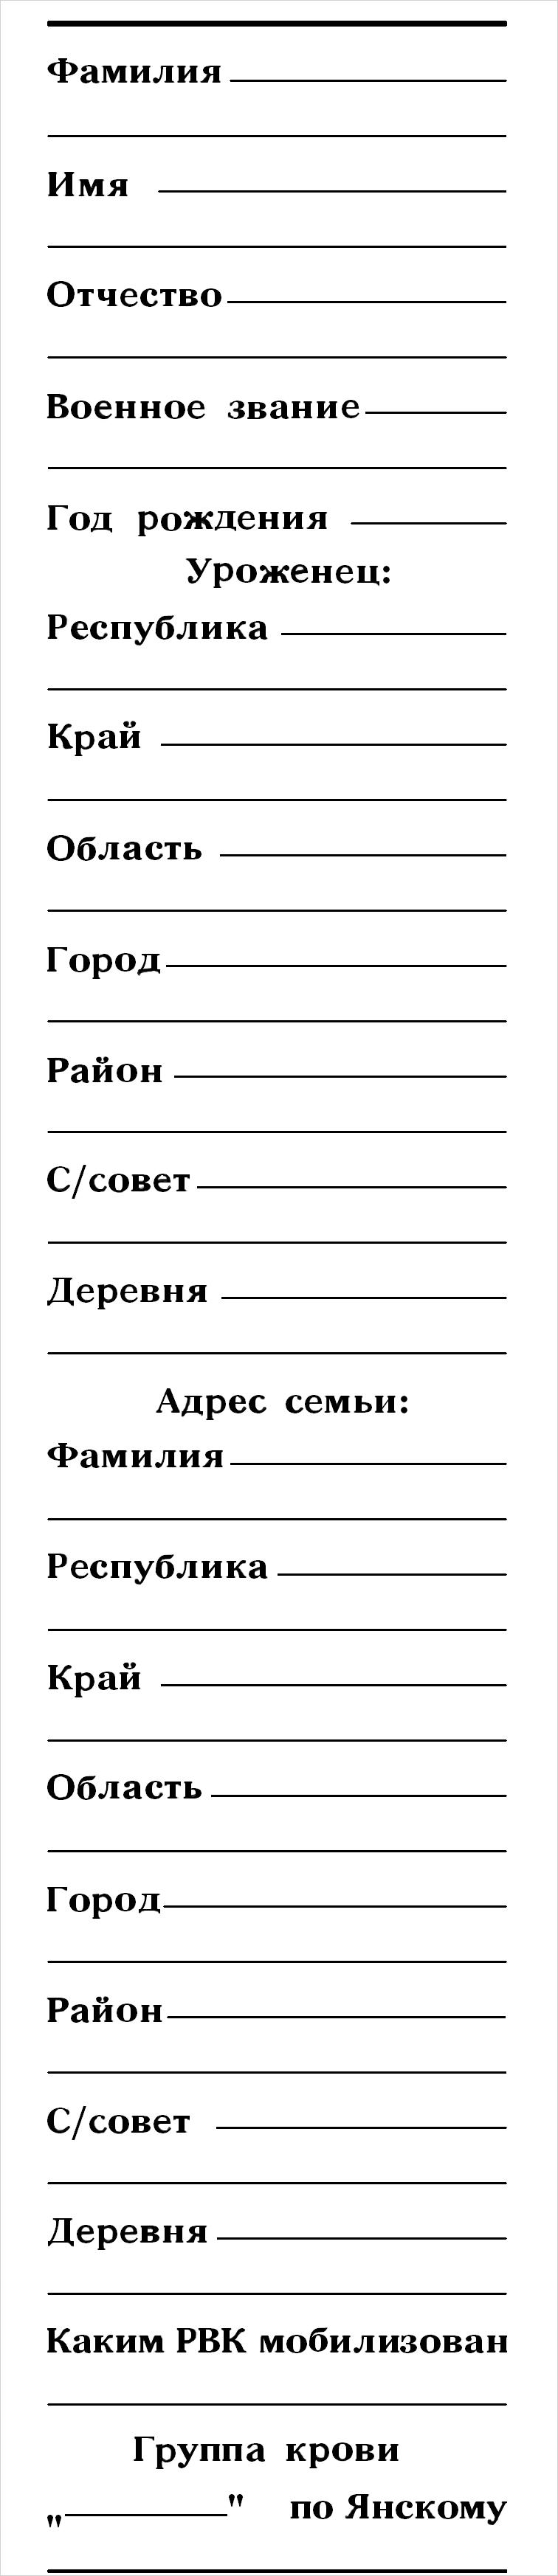 Бланк медальона РККА